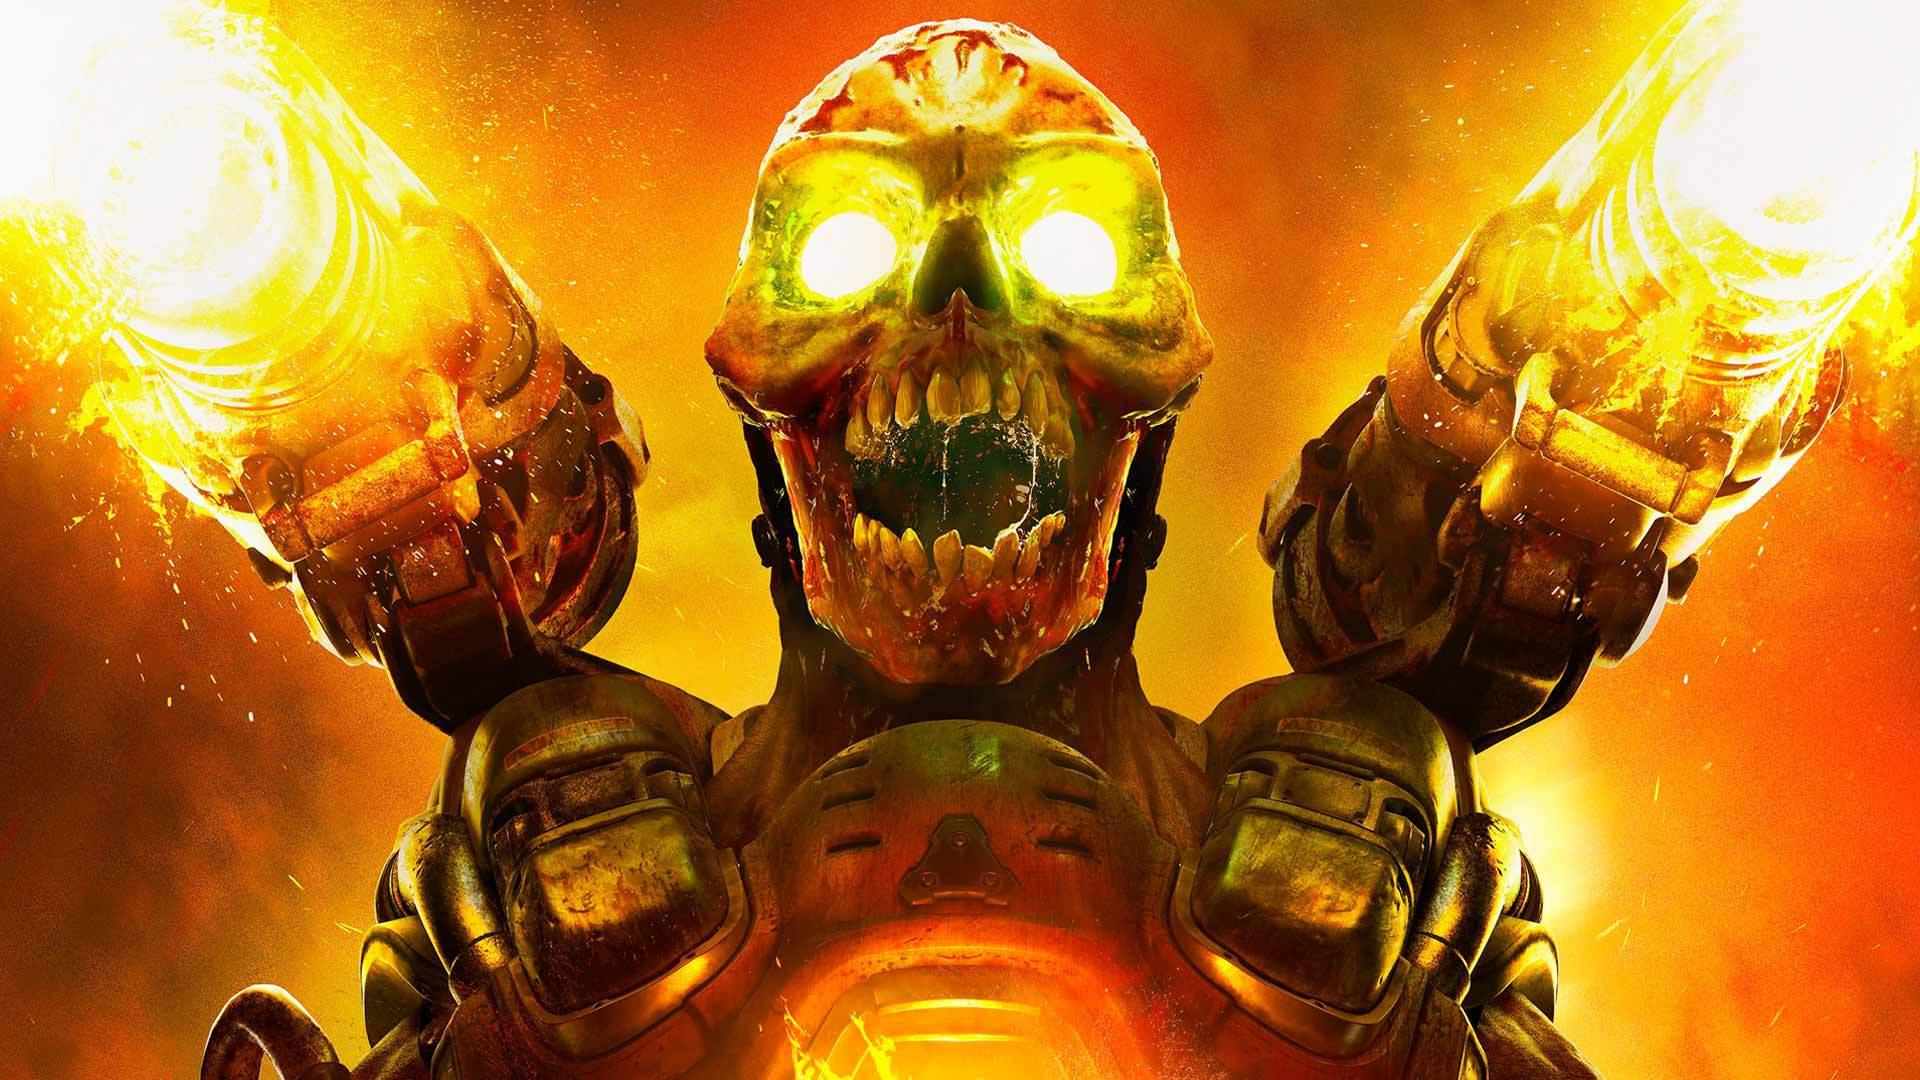 Doom 2016 Wallpaper